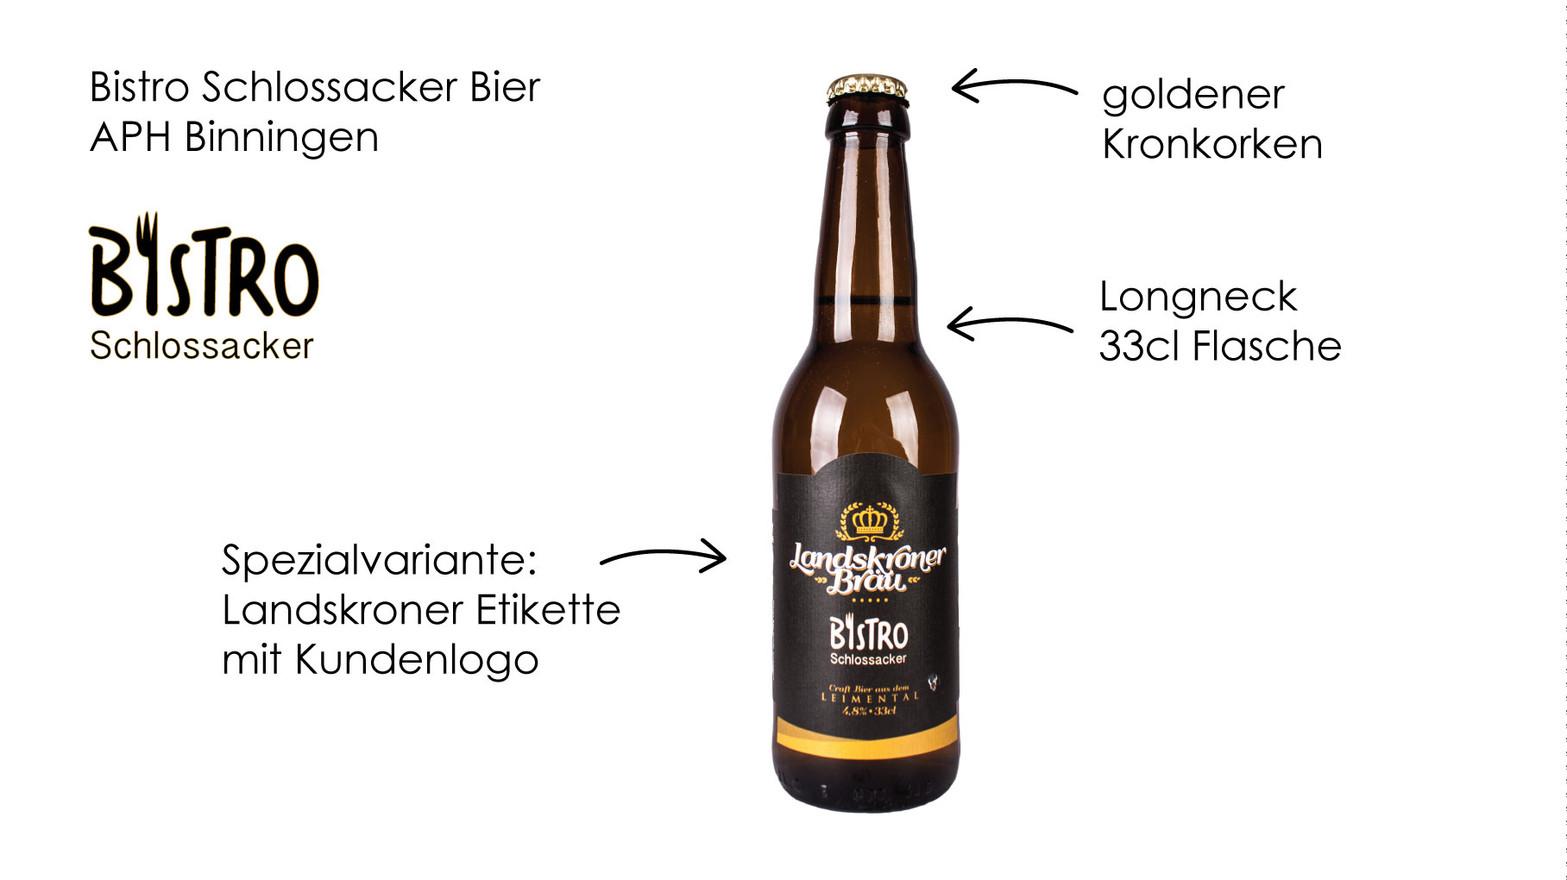 Schlossacker Bier